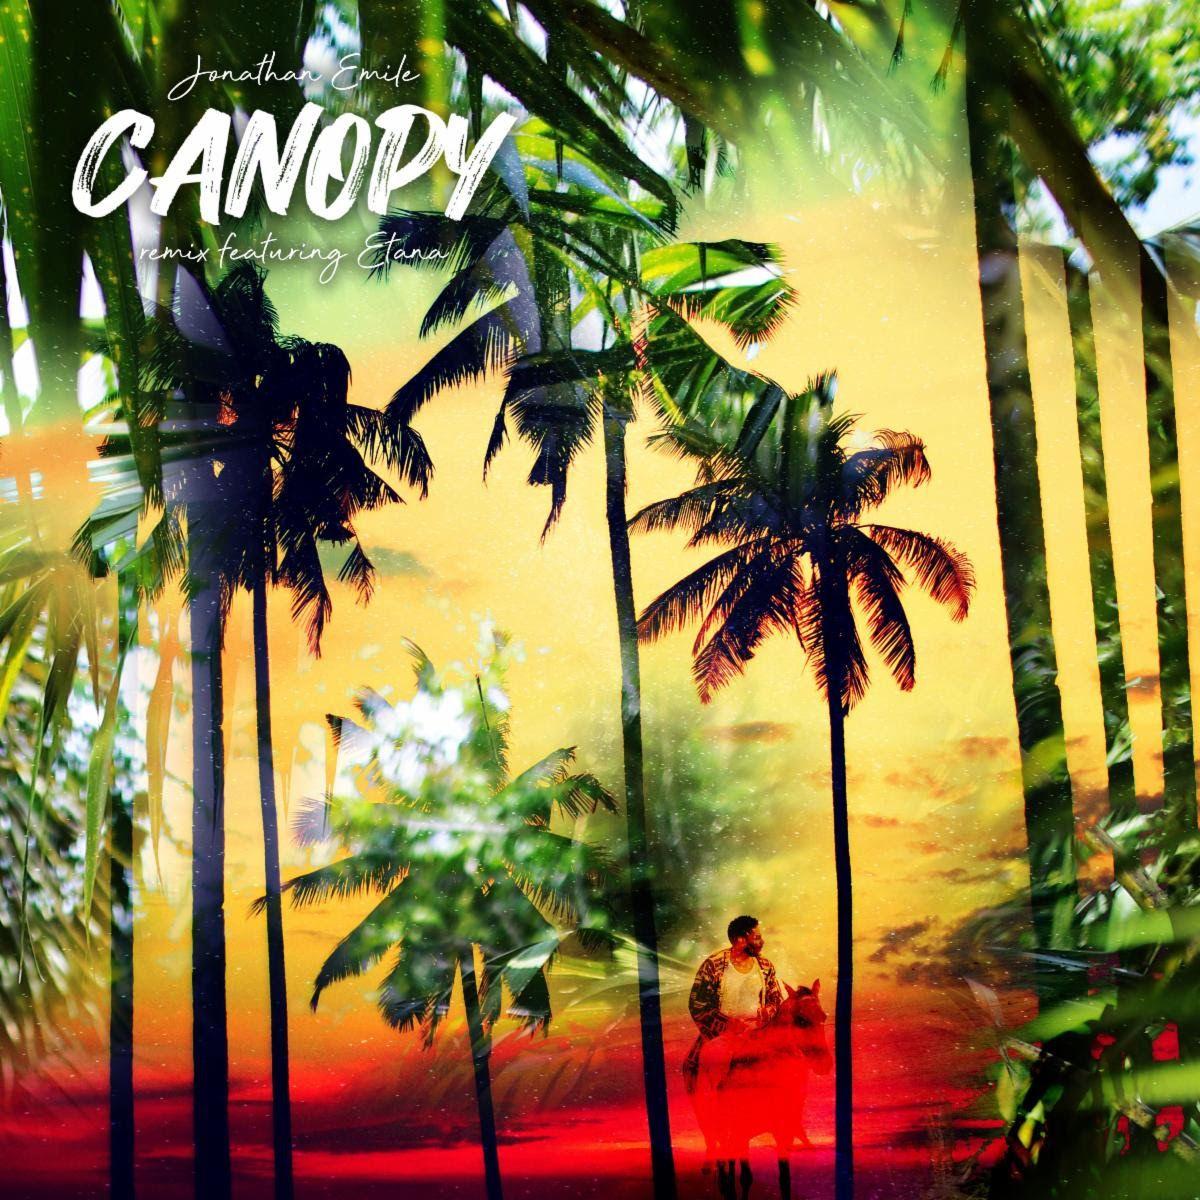 Jonathan Emile Canopy Remix feat. Etana in 2020 Reggae